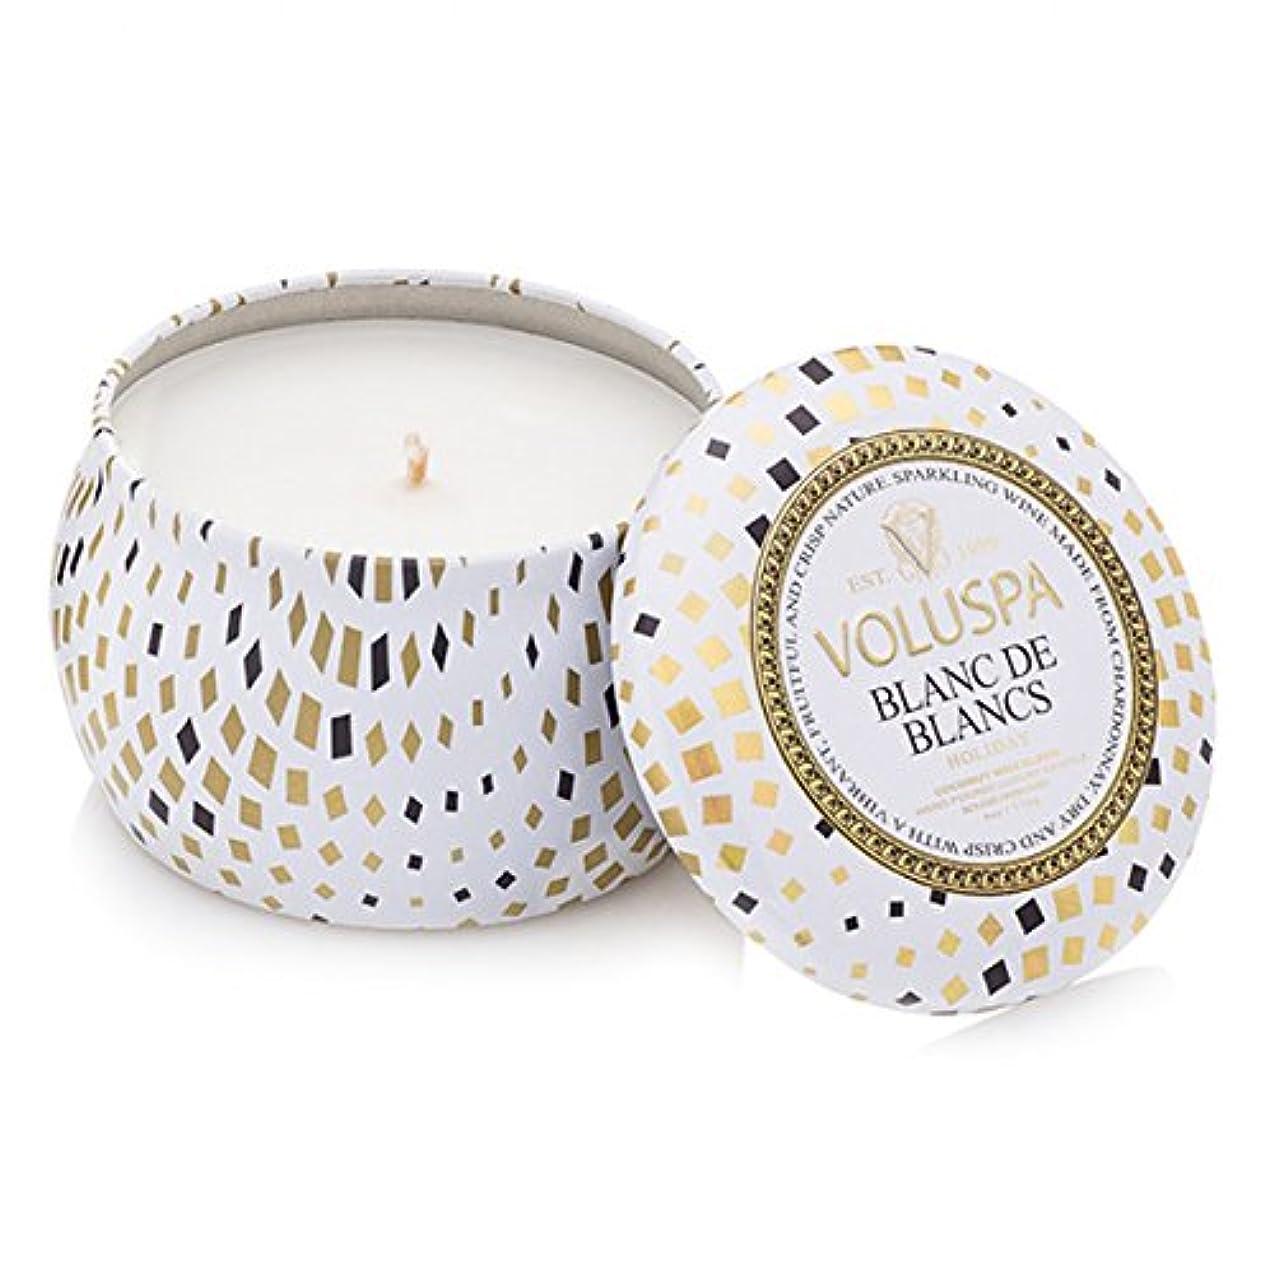 レベル親指ジョージスティーブンソンVoluspa ボルスパ メゾンホリデー ティンキャンドル  S ブラン ド ブラン BLANC DE BLANCS MASION HOLIDAY PETITE Tin Glass Candle